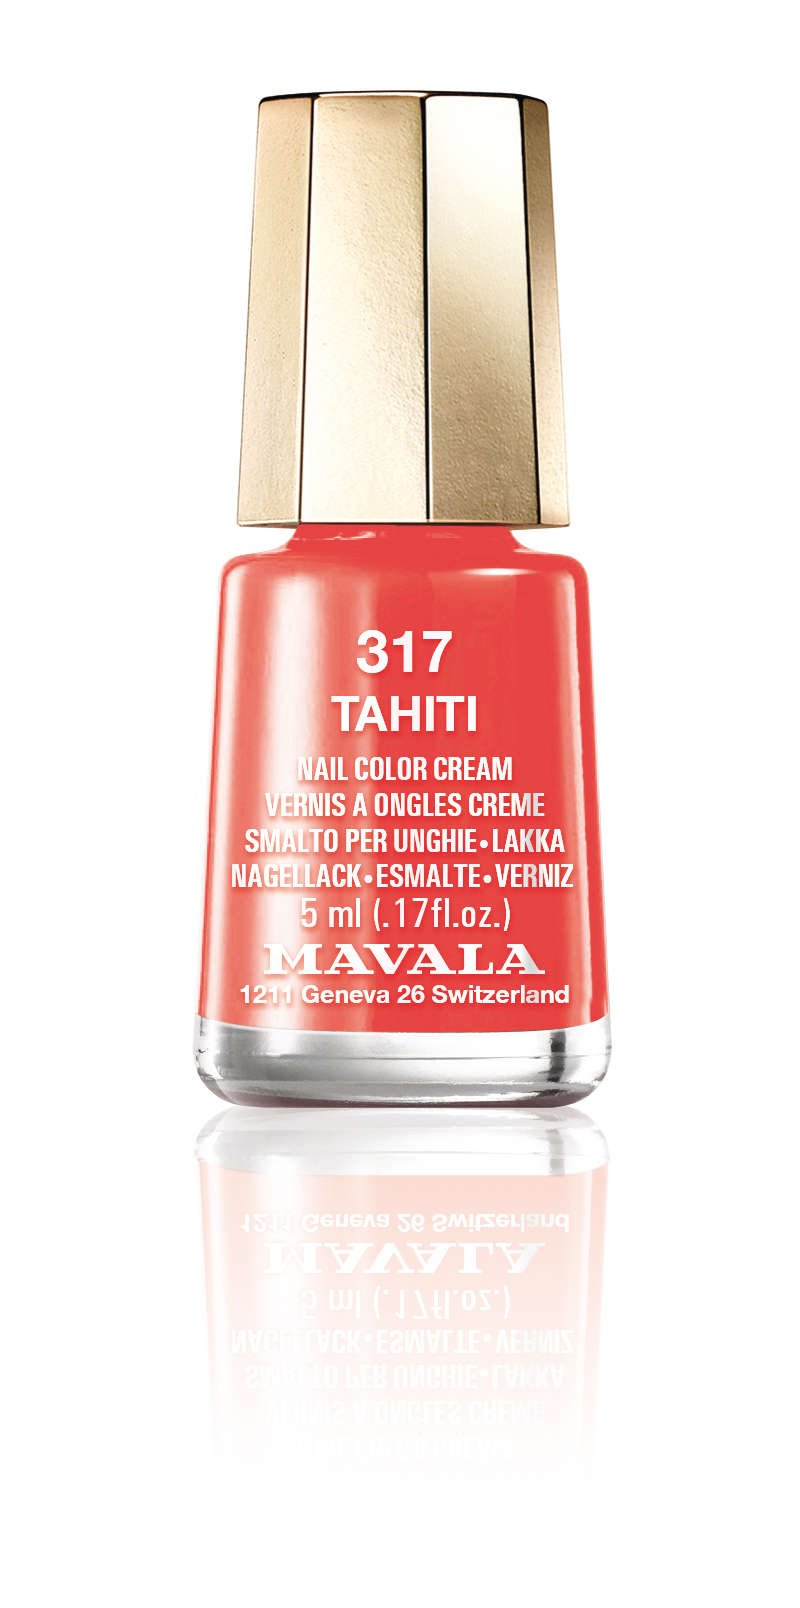 317 TAHITI